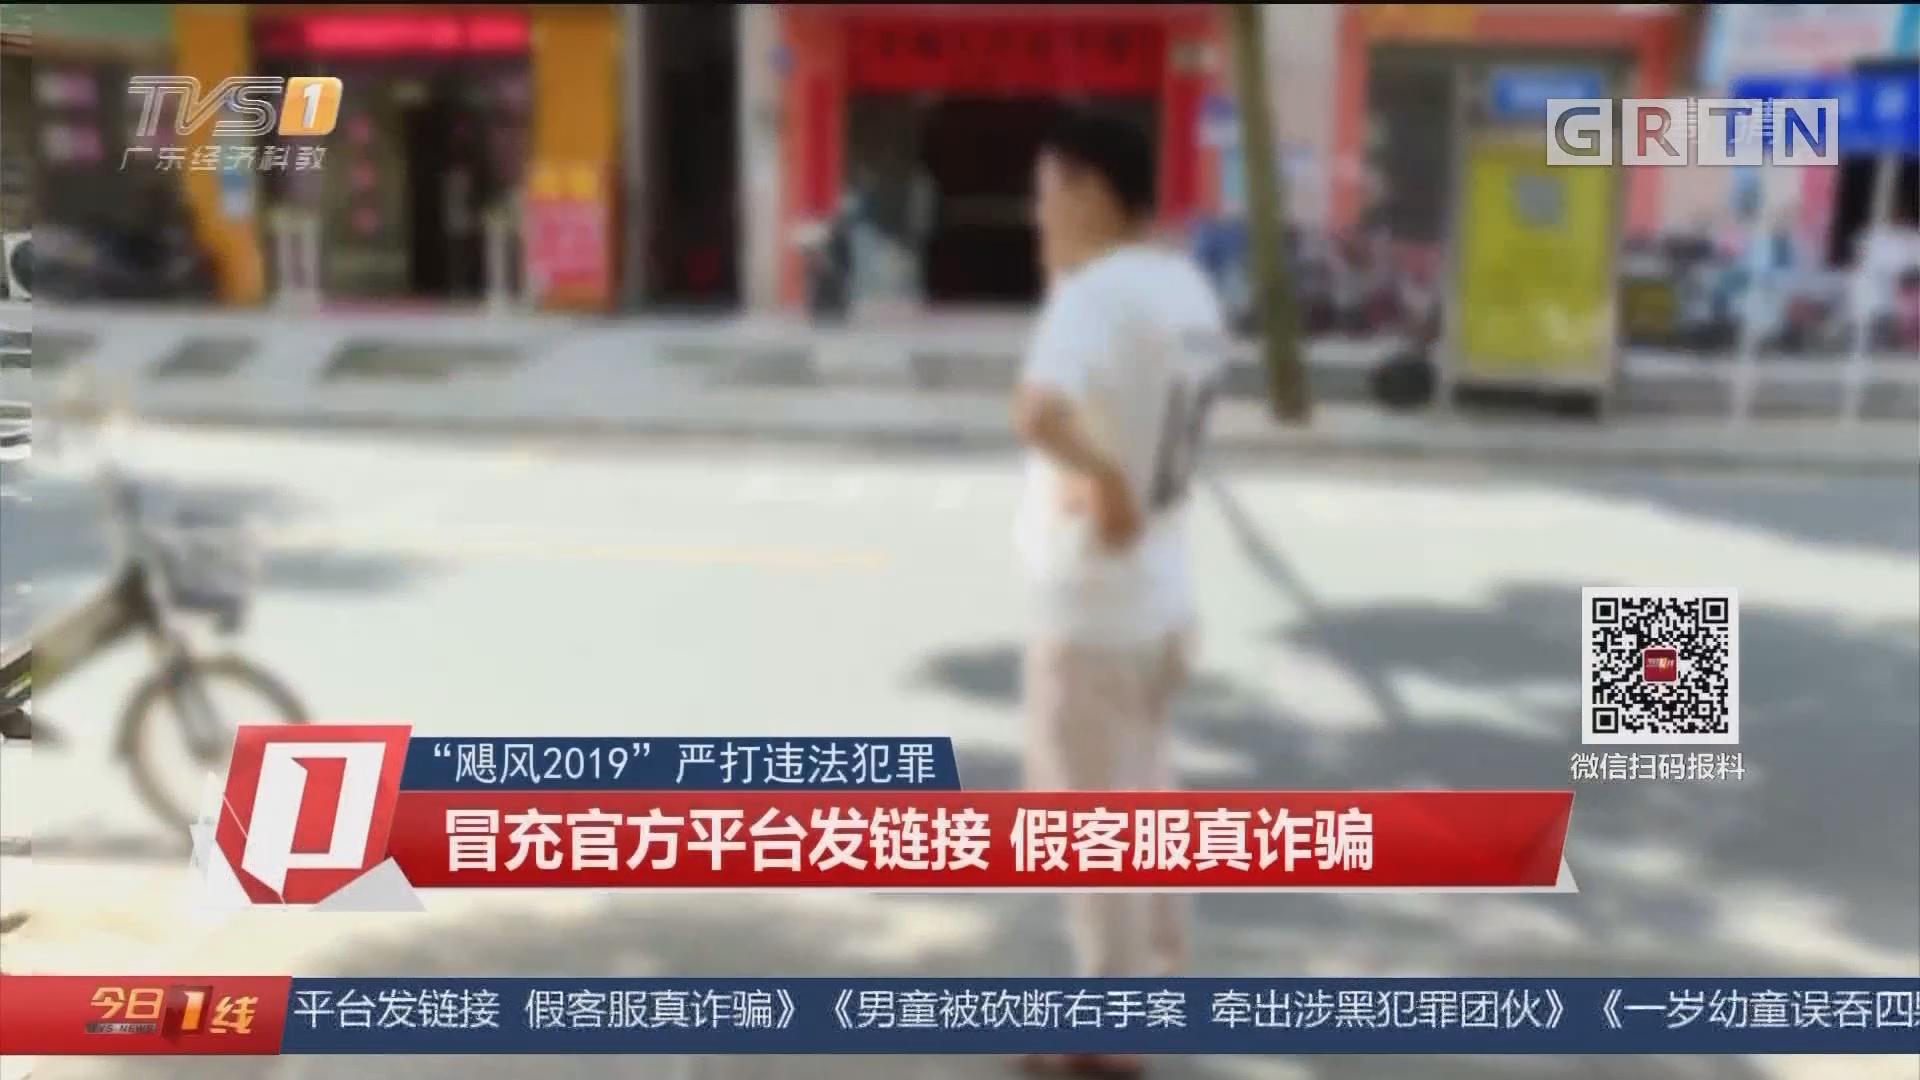 """""""飓风2019""""严打违法犯罪:冒充官方平台发链接 假客服真诈骗"""